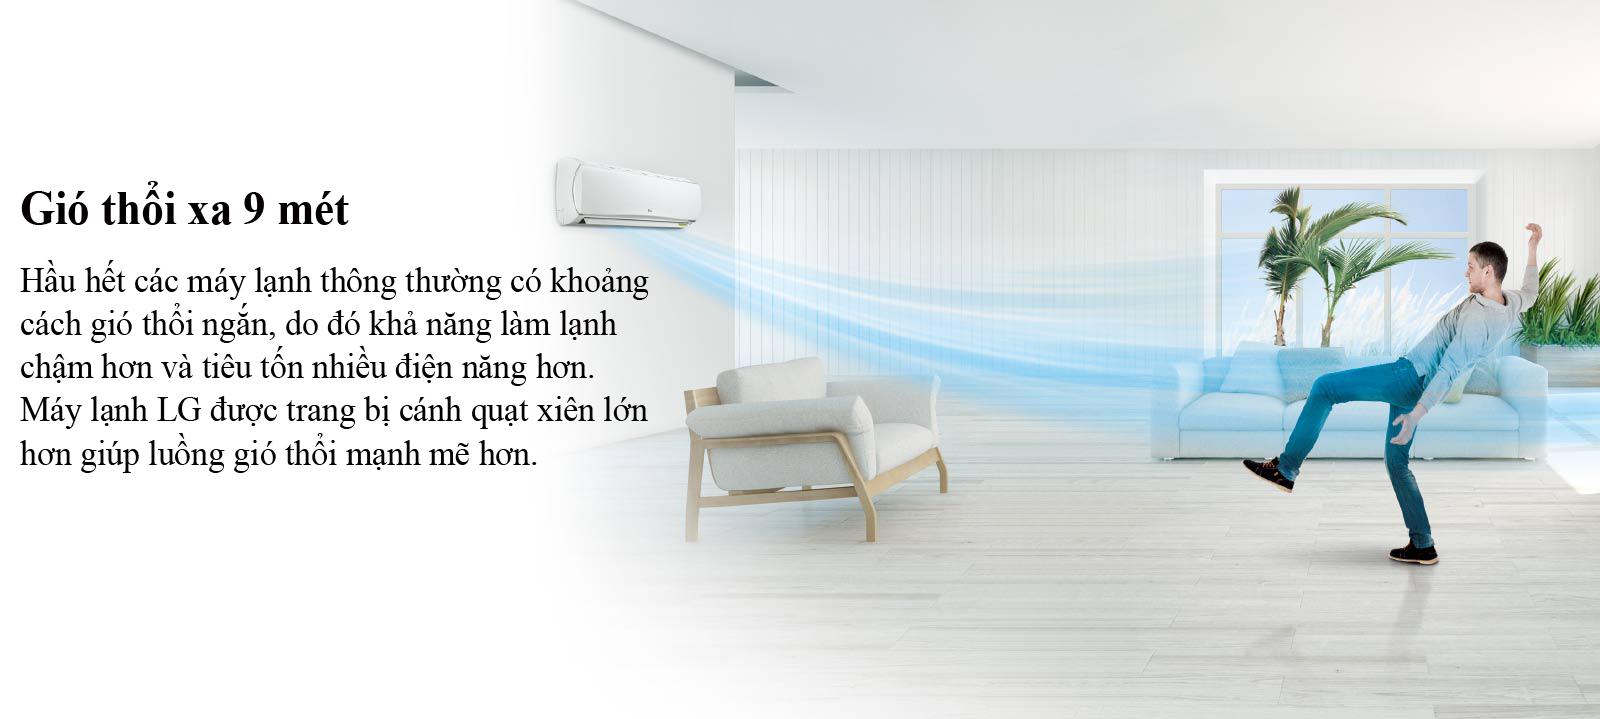 may-lanh-treo-tuong-lg-v10-11_1